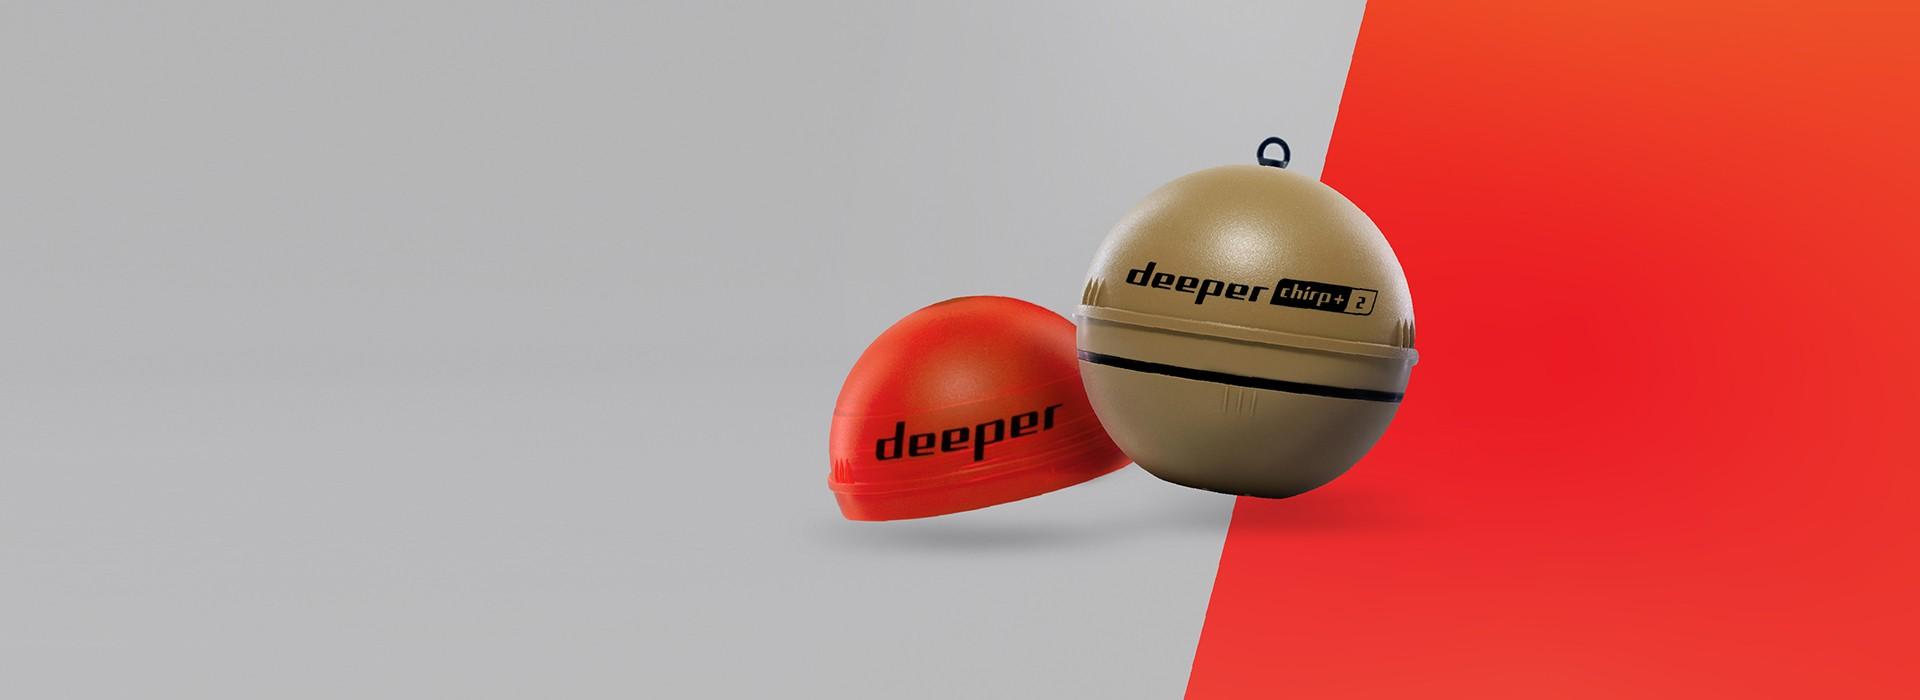 Tapaa uusi Deeper CHIRP+ 2! Tähän mennessä tehokkain kaikuluotain.